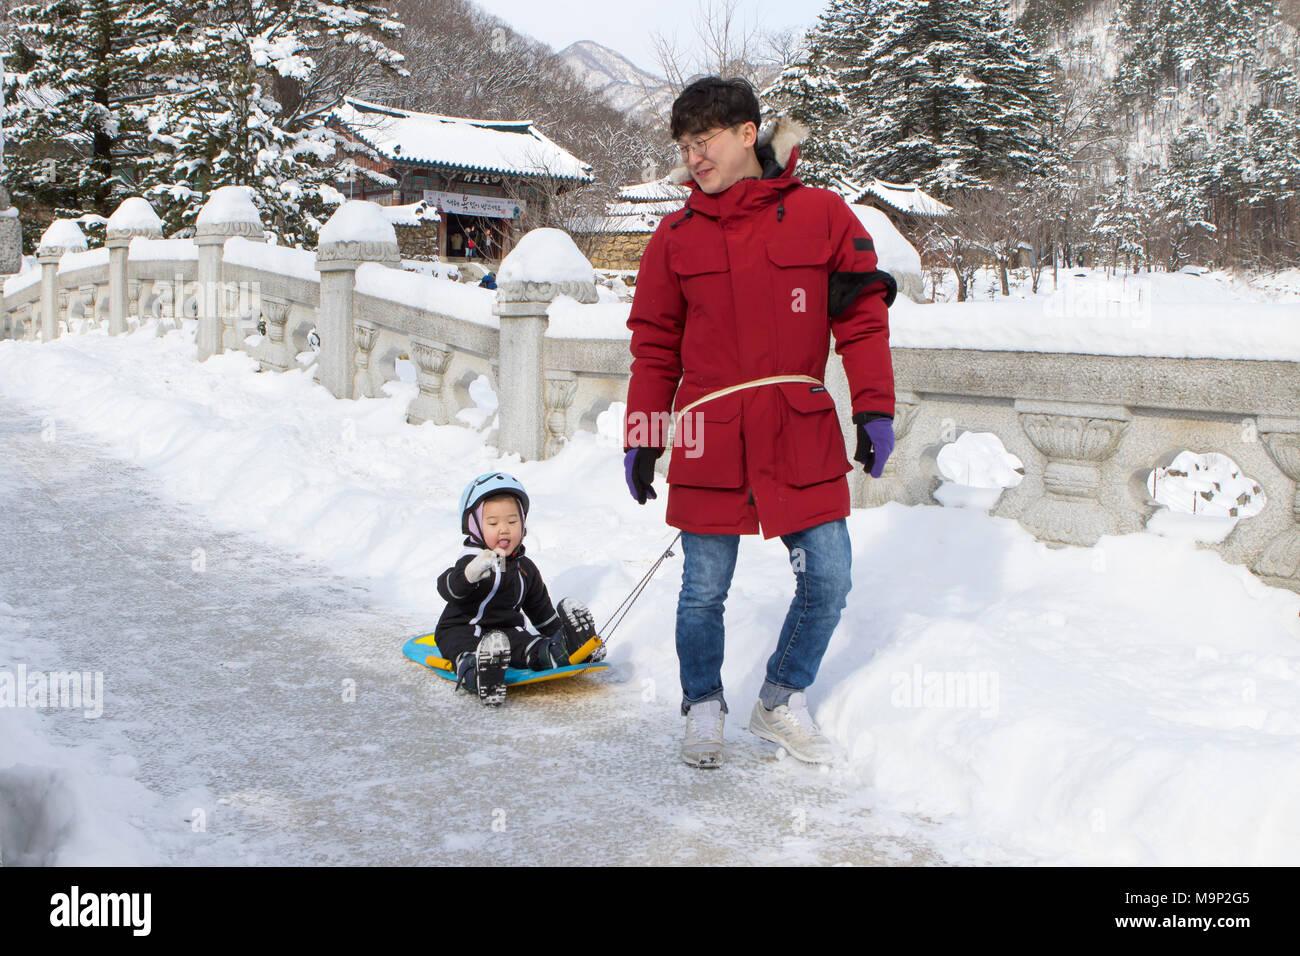 Un père est son enfant de remorquage sur un traîneau sur un pont de pierre dans la forêt enneigée du Parc National de Seoraksan, Gangwon-do, Corée du Sud. Dans l'arrière-plan d'un temple bouddhiste. Seoraksan est une belle et célèbre parc national dans les montagnes près de Cavaillon dans la région du Gangwon-do en Corée du Sud. Le nom fait référence à Snowy Mountains Crags. Situé dans le paysage sont deux temples Bouddhistes: Sinheung-sa et Beakdam-sa. Cette région accueille les Jeux Olympiques d'hiver en février 2018. Photo Stock